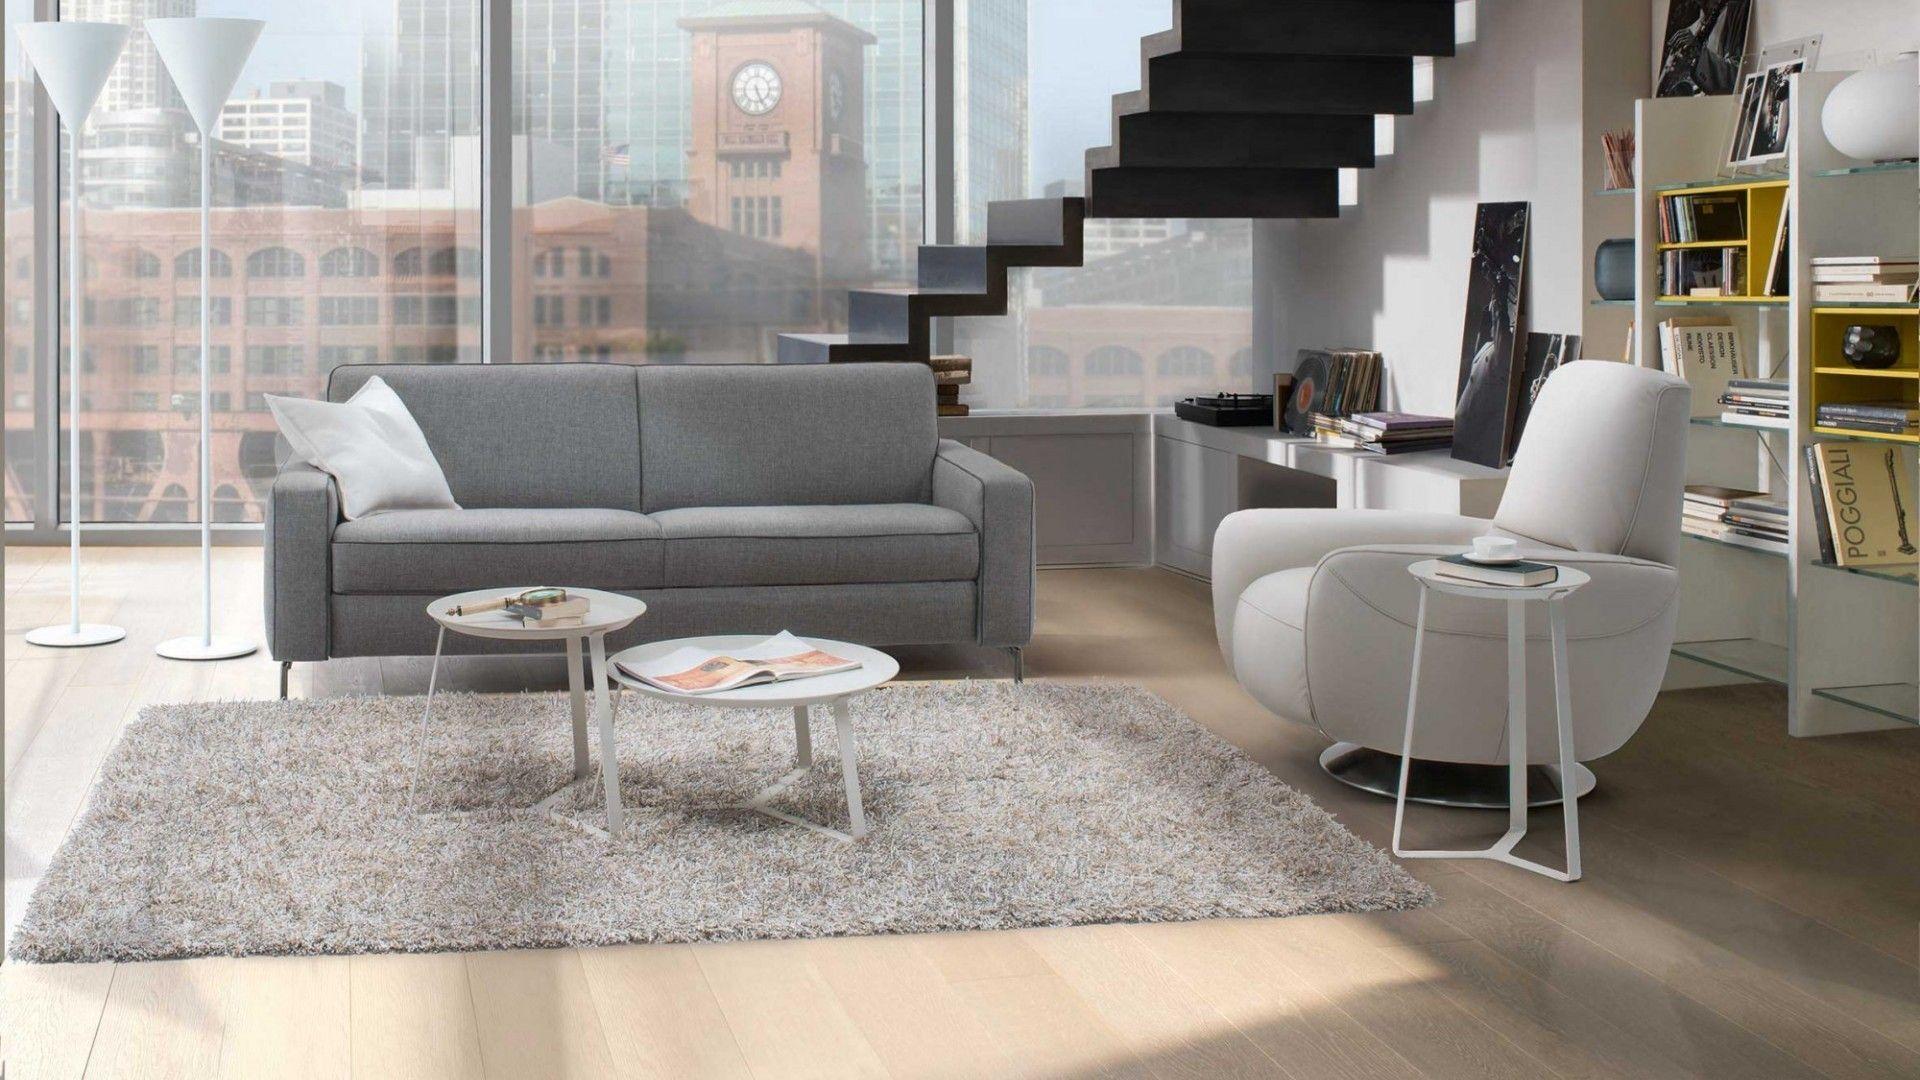 natuzzi мягкая мебель, capriccio диван, элитная мебель в санкт-петербурге, натуцци, натуззи